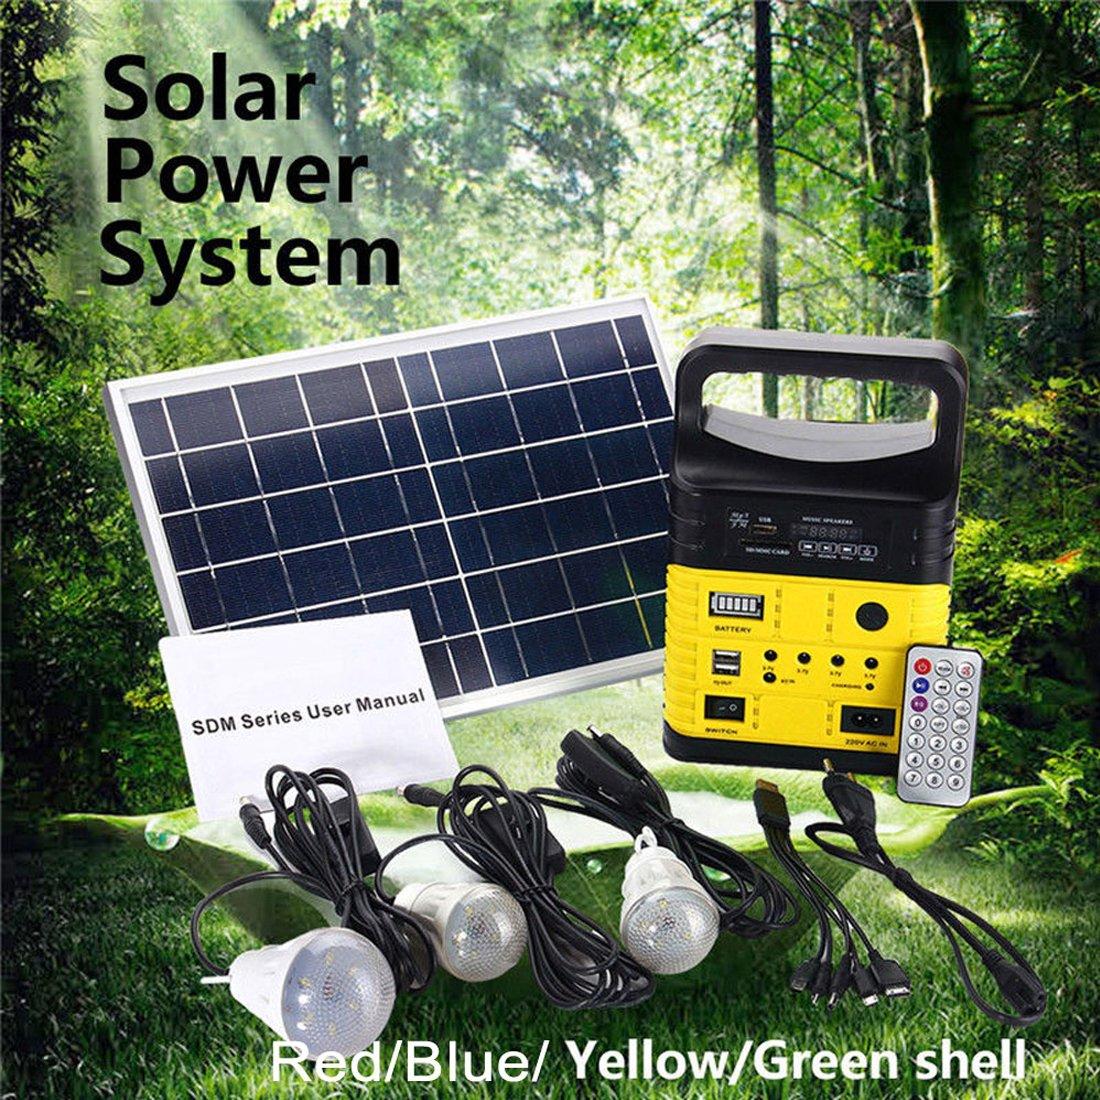 ポータブル電源 家庭用蓄電池 予備電源 持ち運び便利 車中泊 キャンプに 予備電源FM LEDライトUSB充電器 ソーラーチャージャー B07CK3LQW8 イエロー イエロー